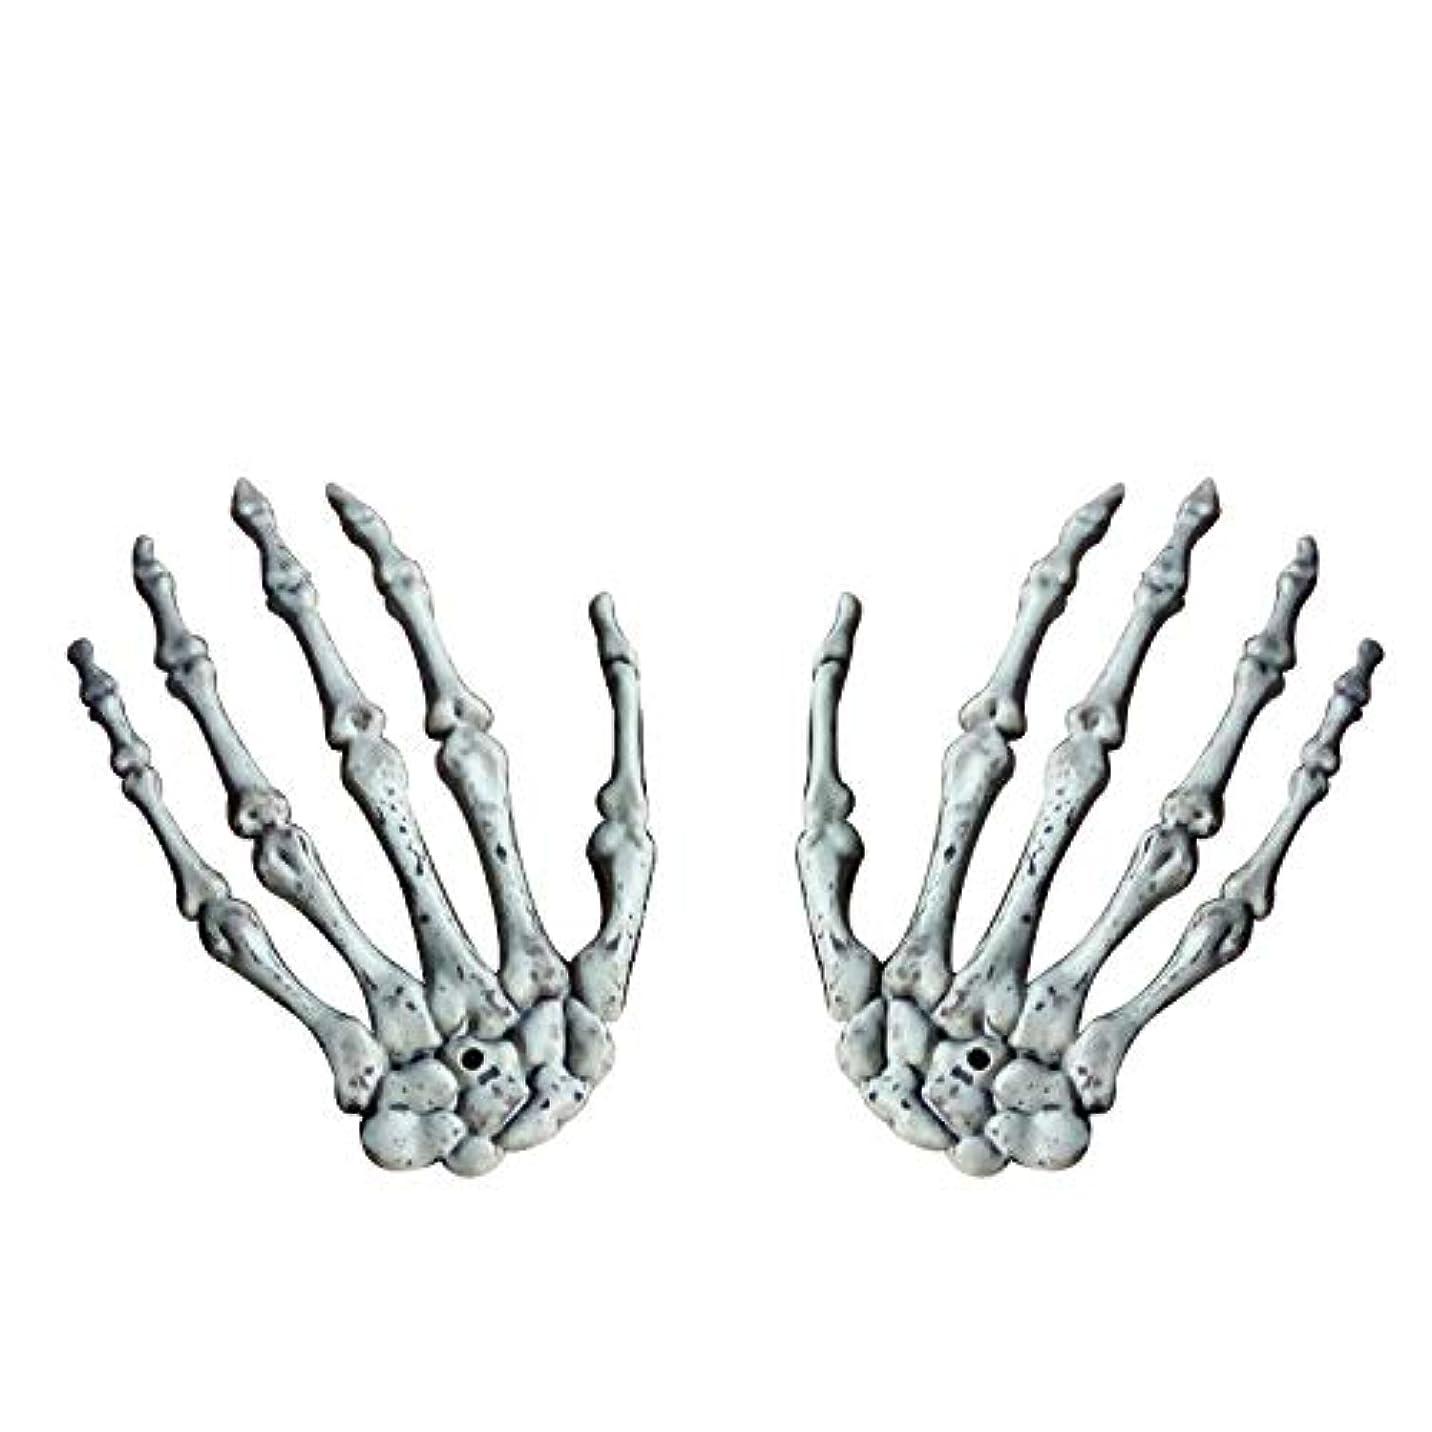 ブロックする影のあるブレークETRRUU HOME ハロウィン爪スケルトン手お化け屋敷バー怖い小道具ホラー装飾トリッキーな装飾